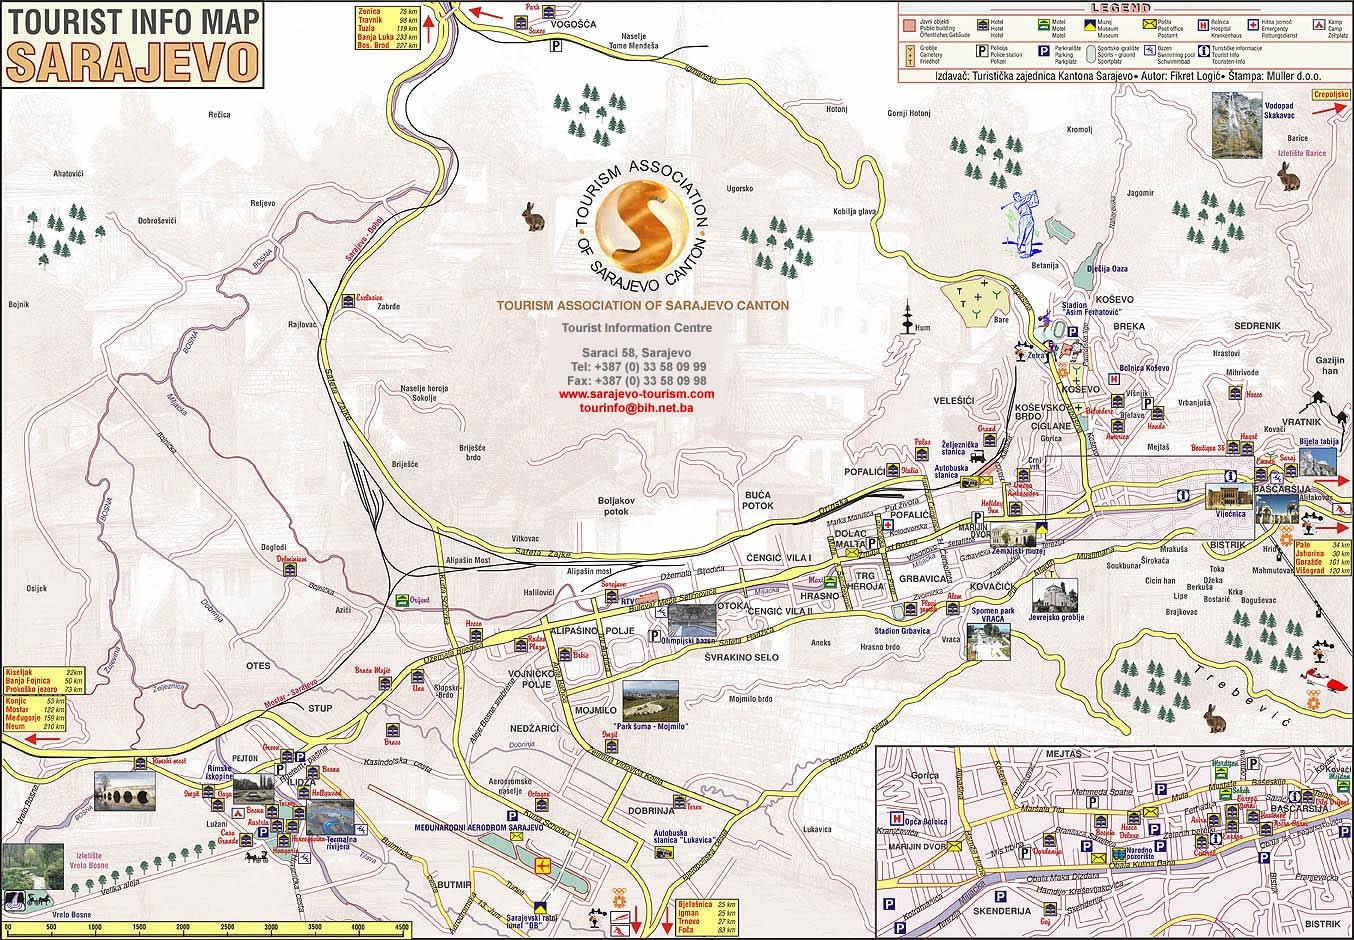 Mapa de Sarajevo